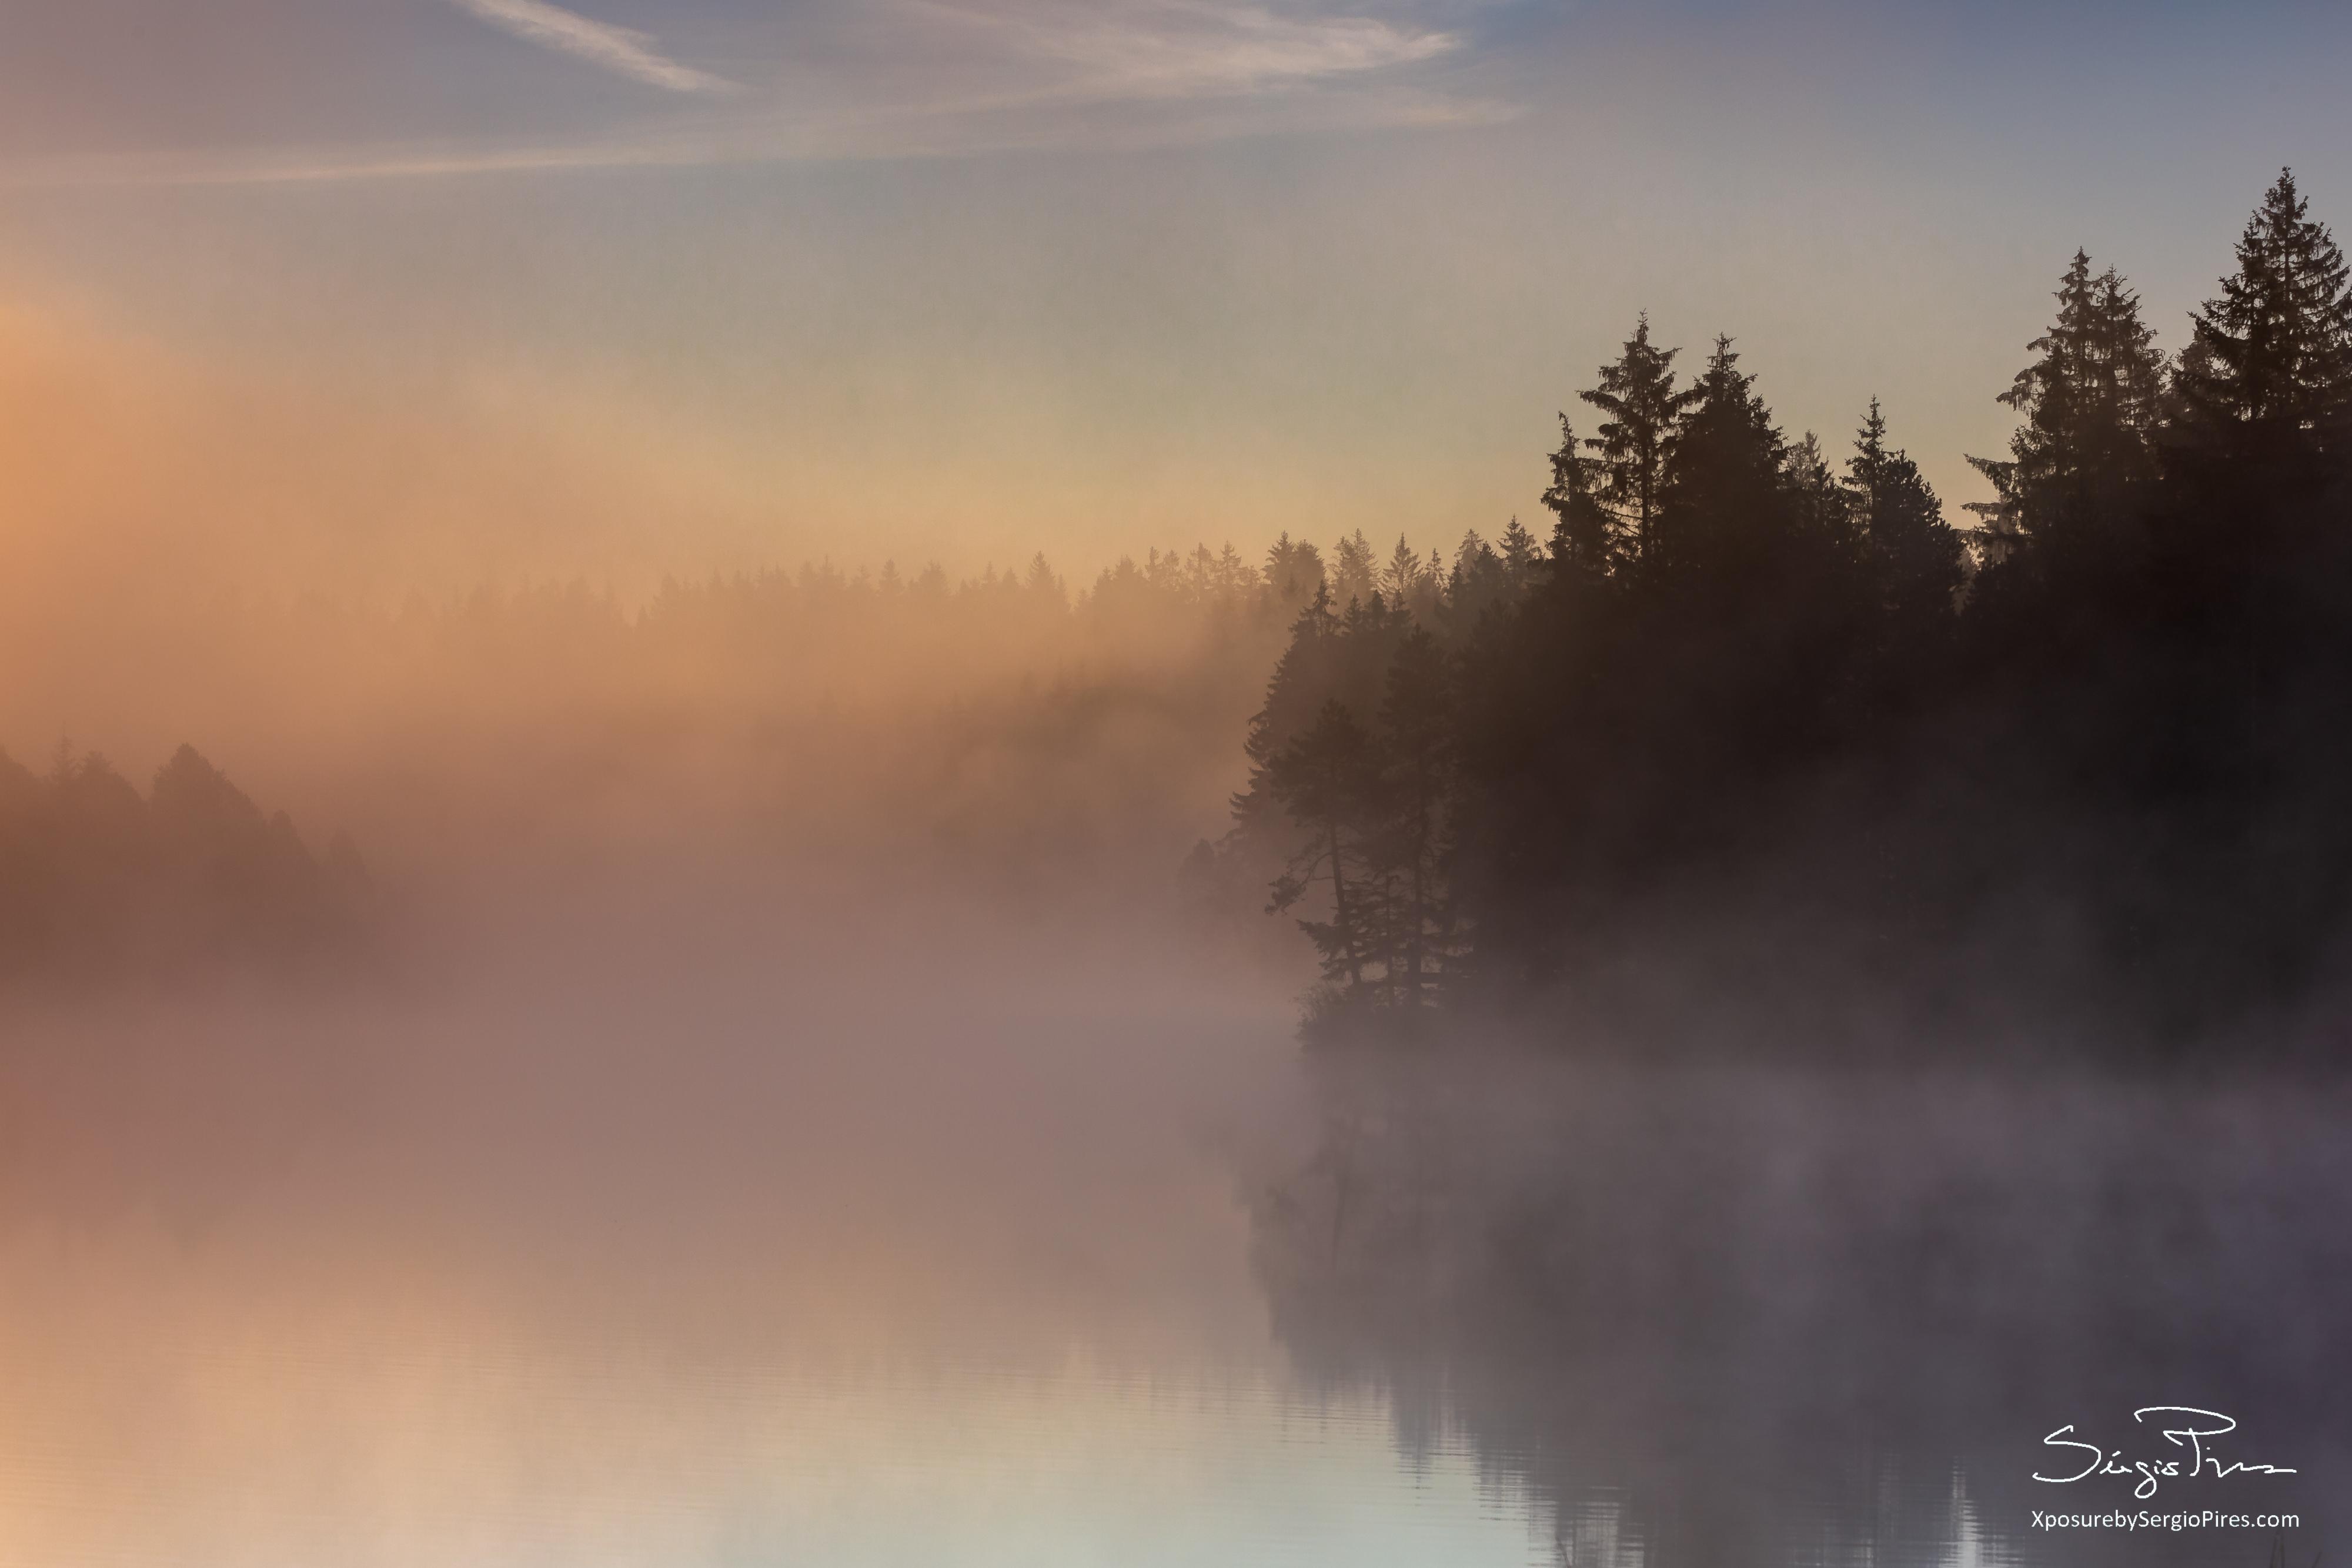 Dawn mist that the sun burns off